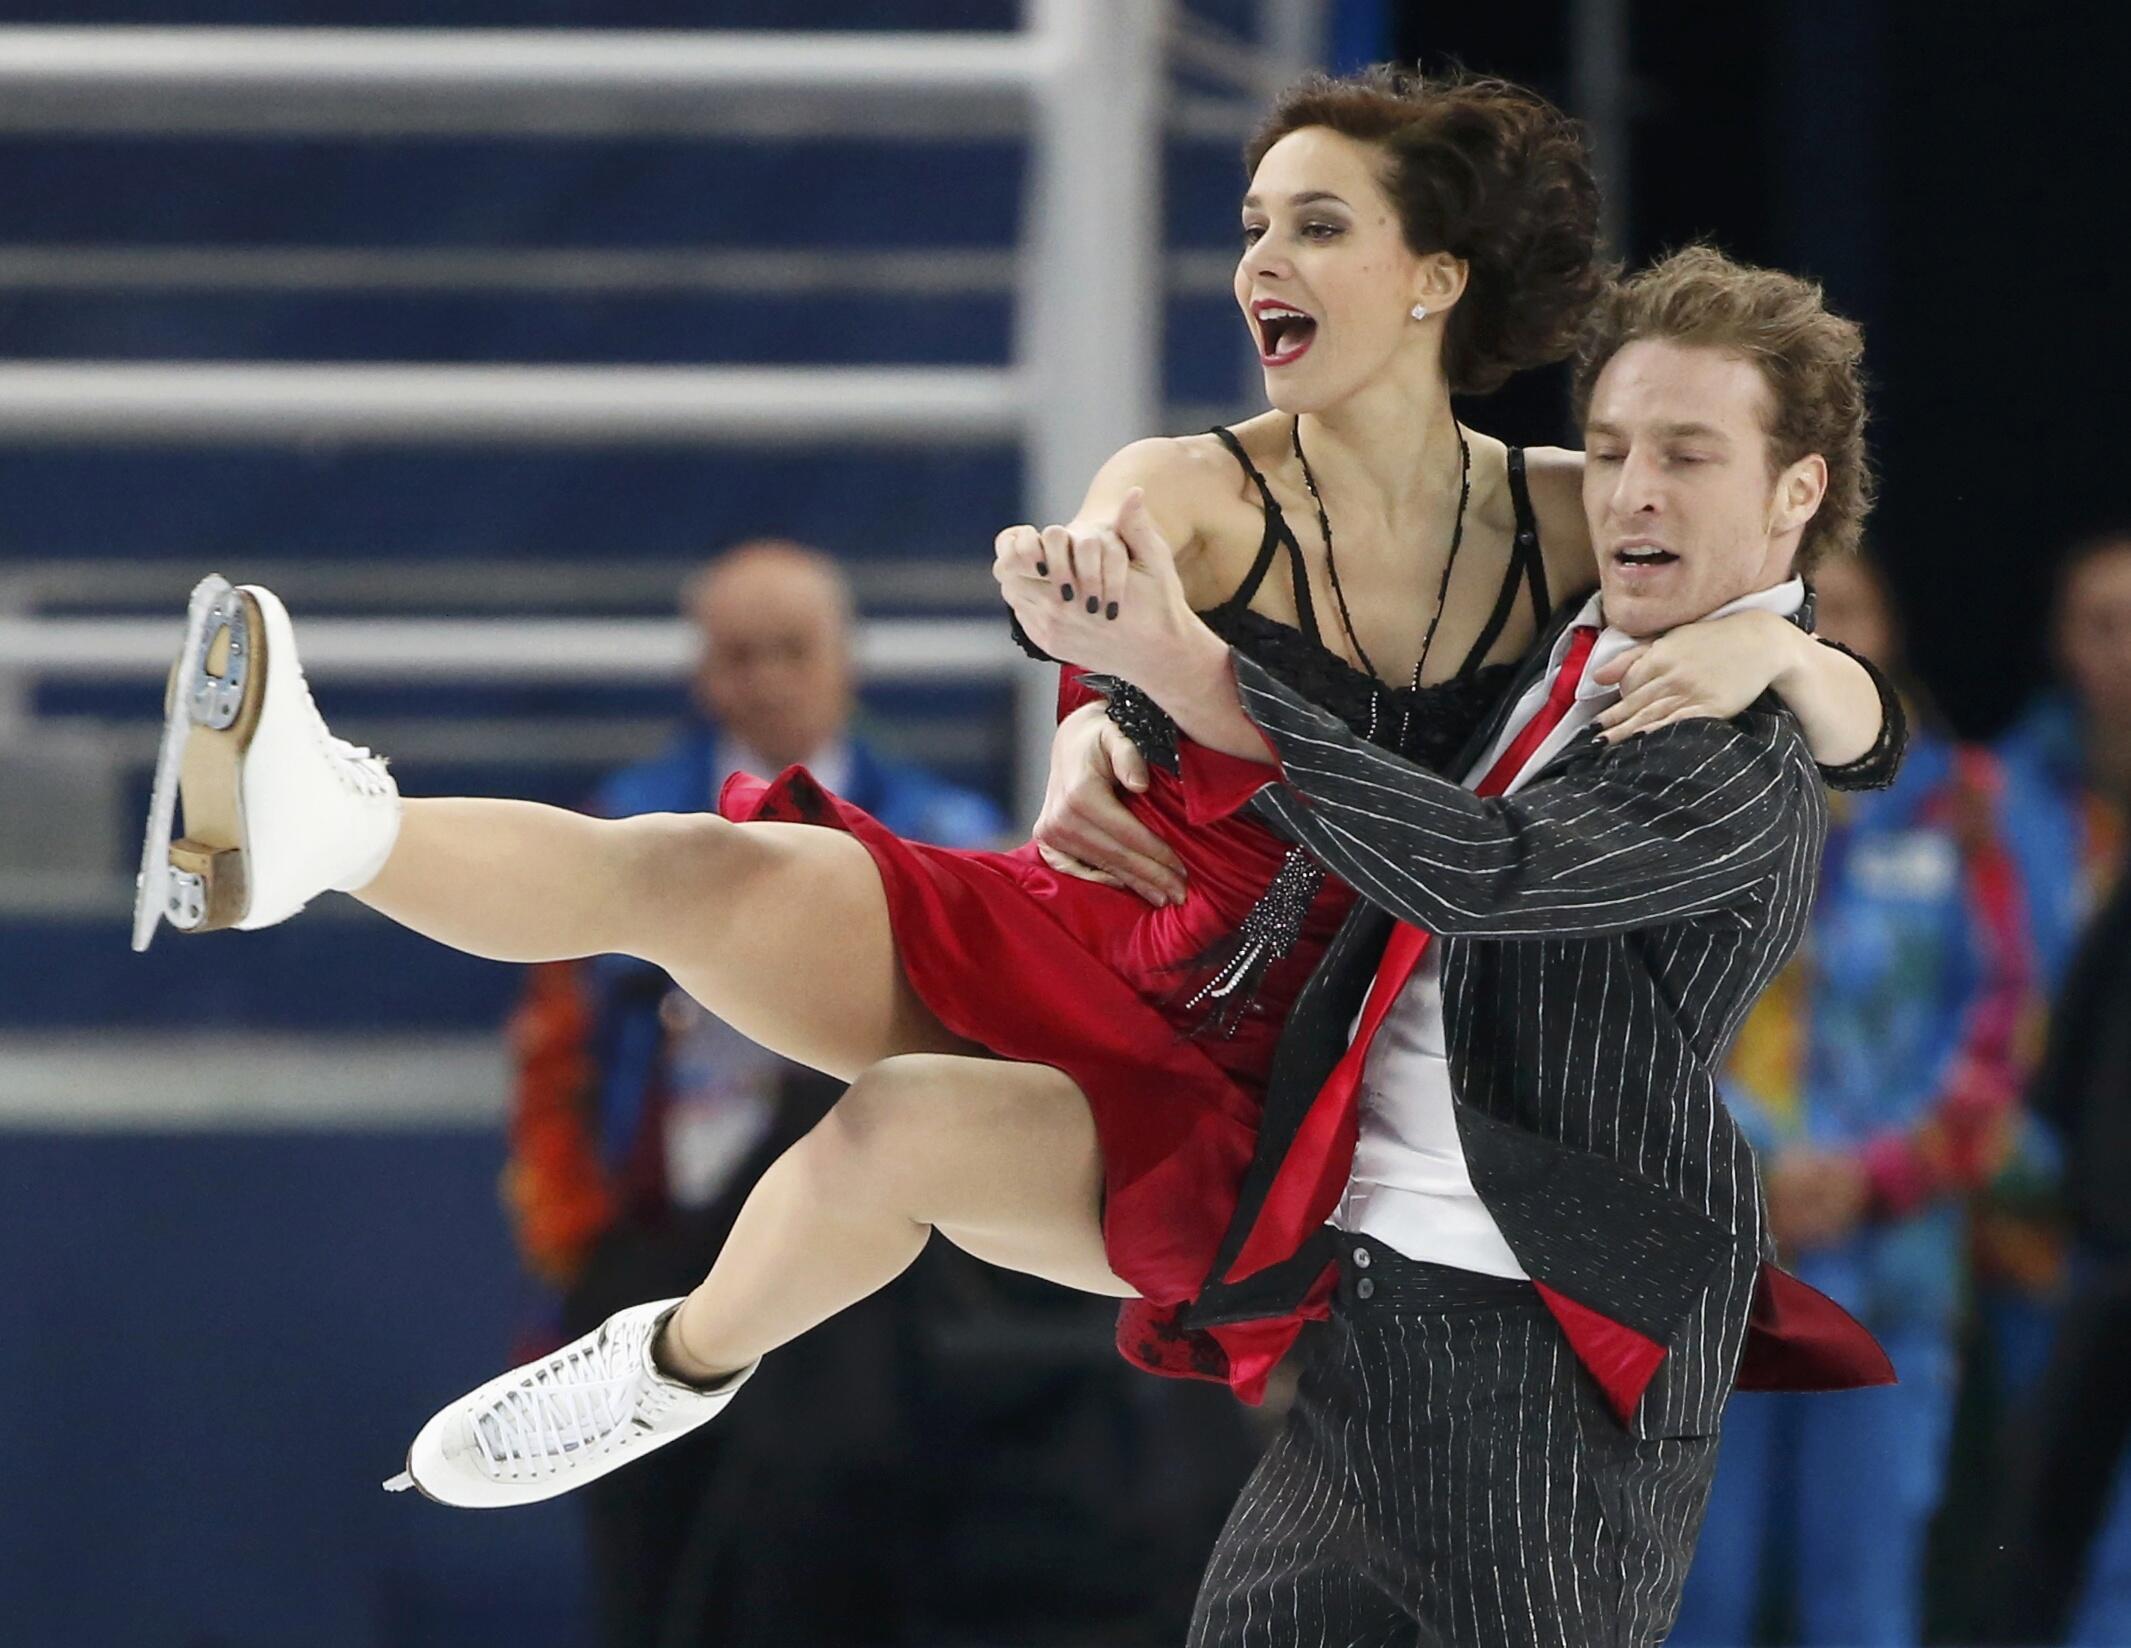 Танцевальная пара из Франции Натали Пешала-Фабьен Бурза в Сочи 8 февраля 2014